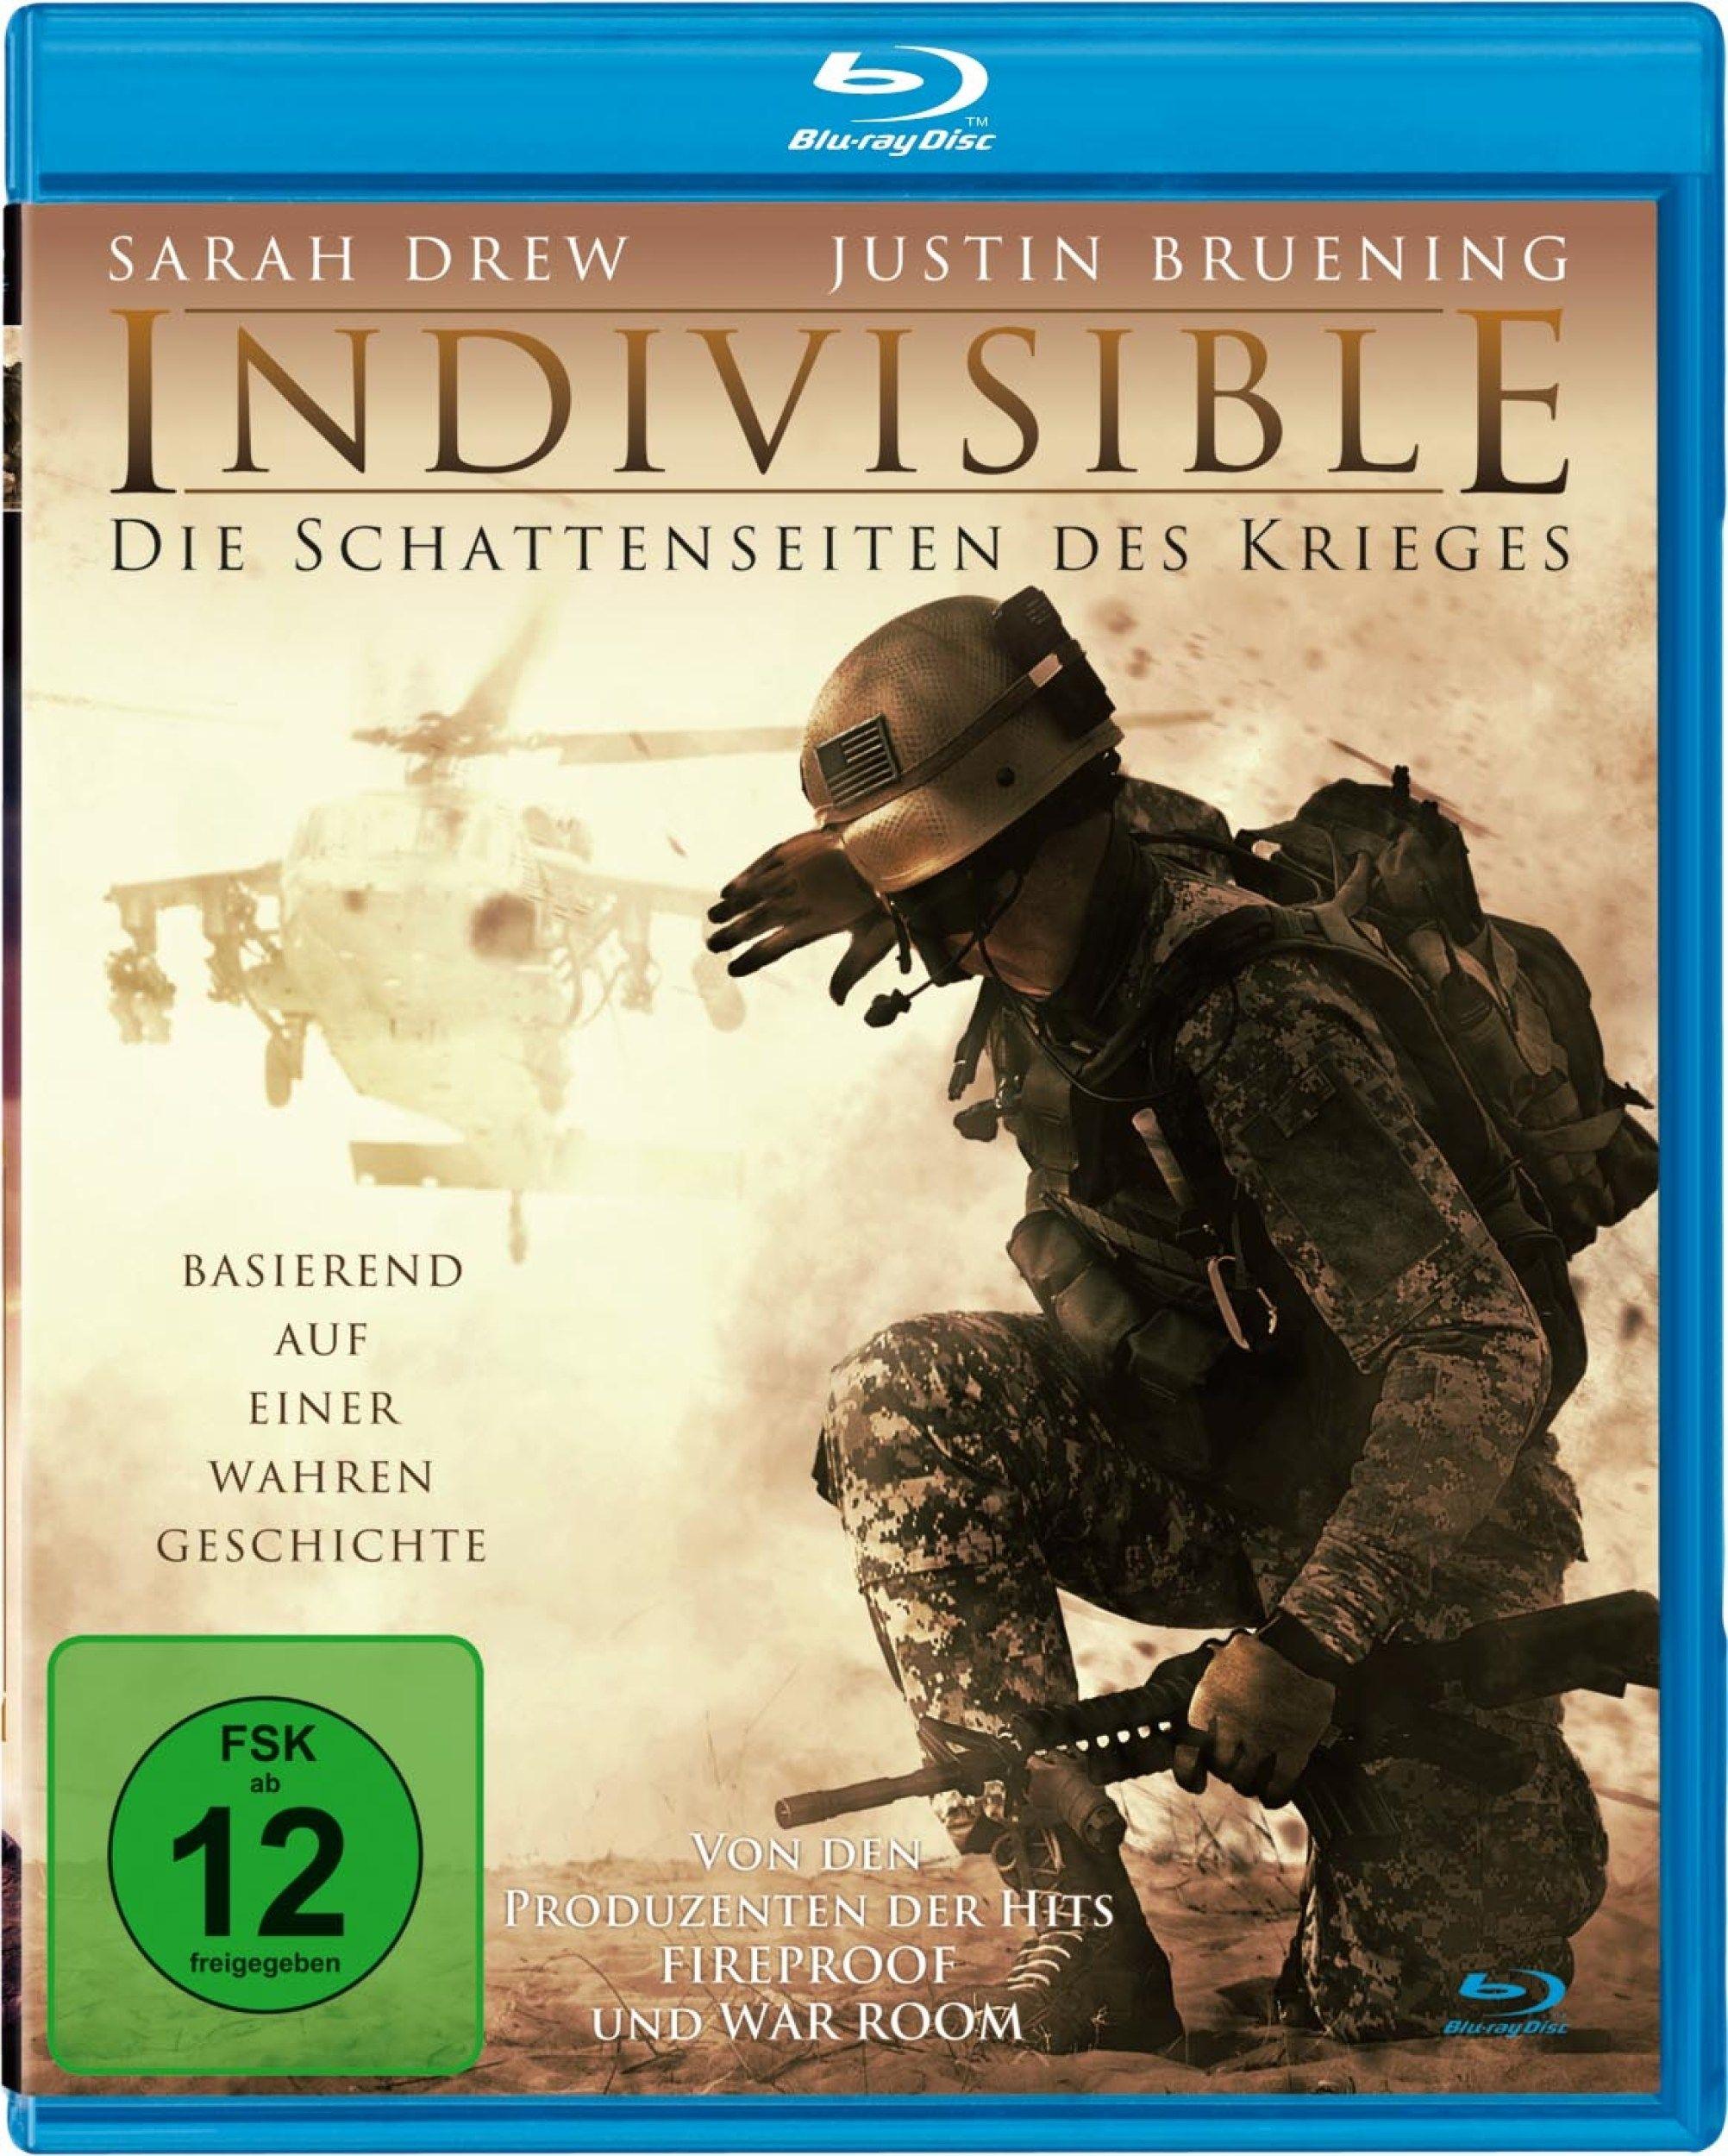 Indivisible - Die Schattenseiten des Krieges (BLURAY)